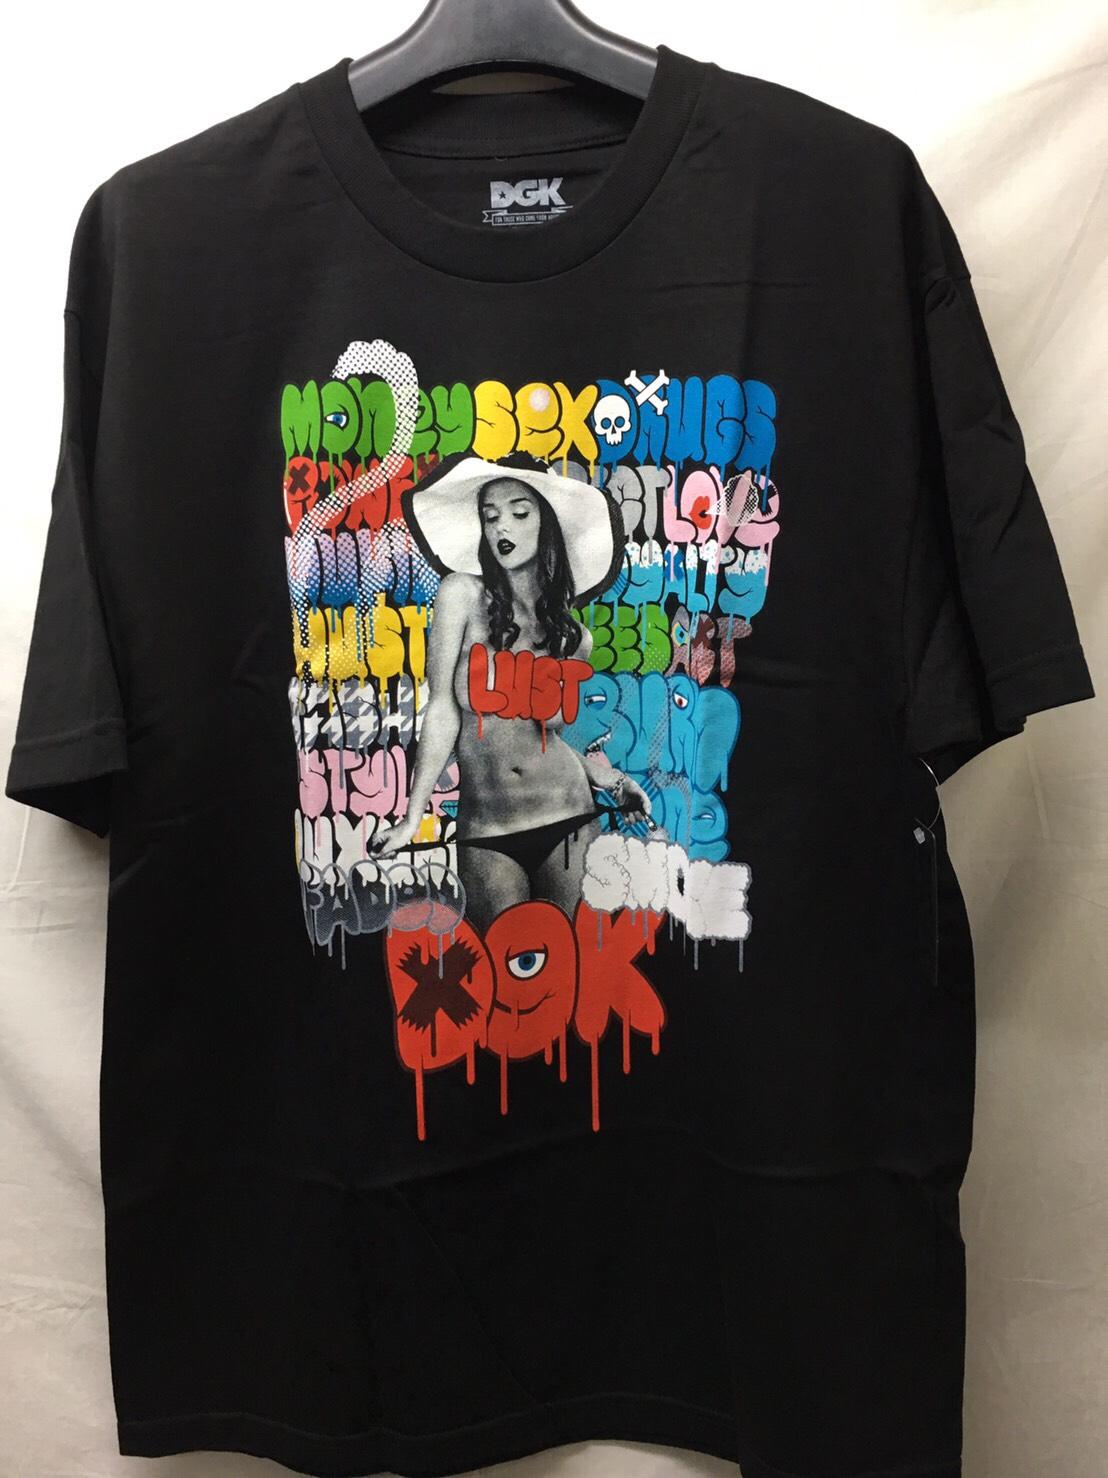 dgk_t-shirts10